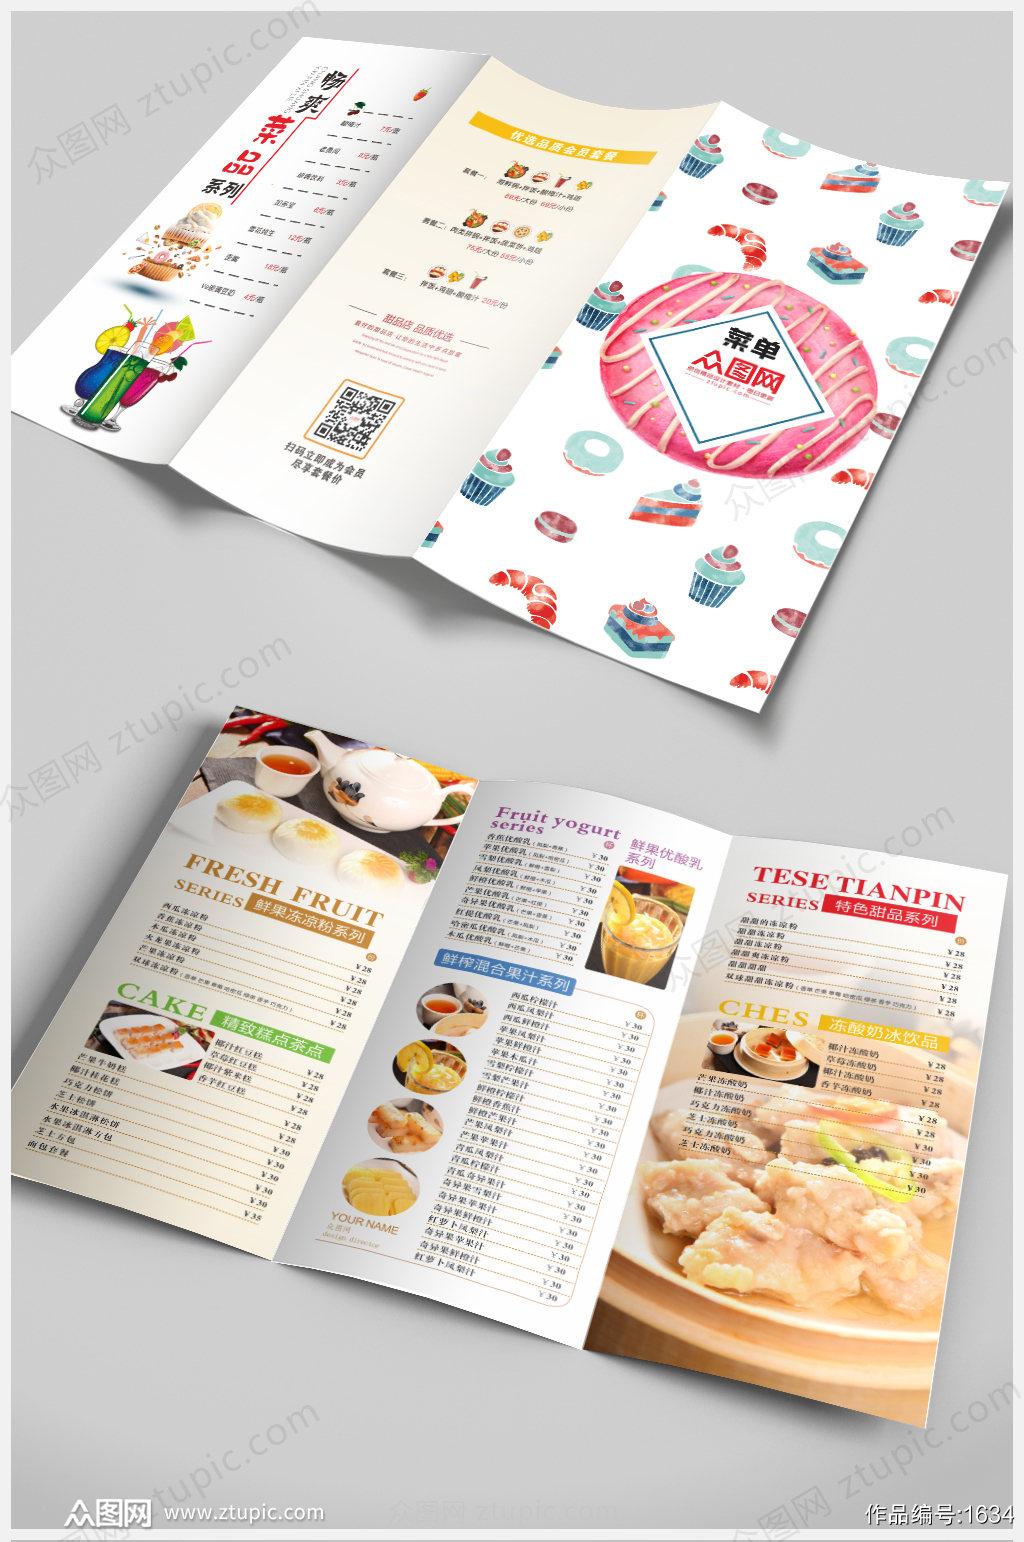 餐厅美食菜单宣传三折页设计素材